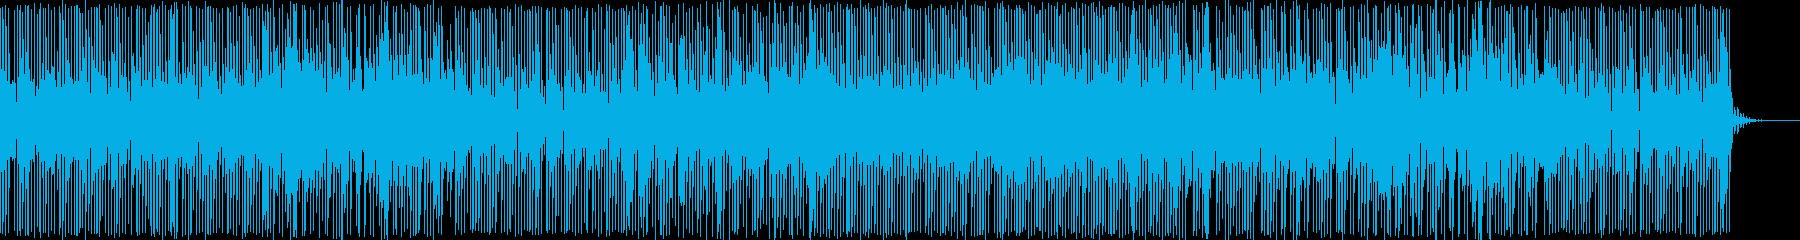 元気で弾けるような気分にさせるBGMの再生済みの波形